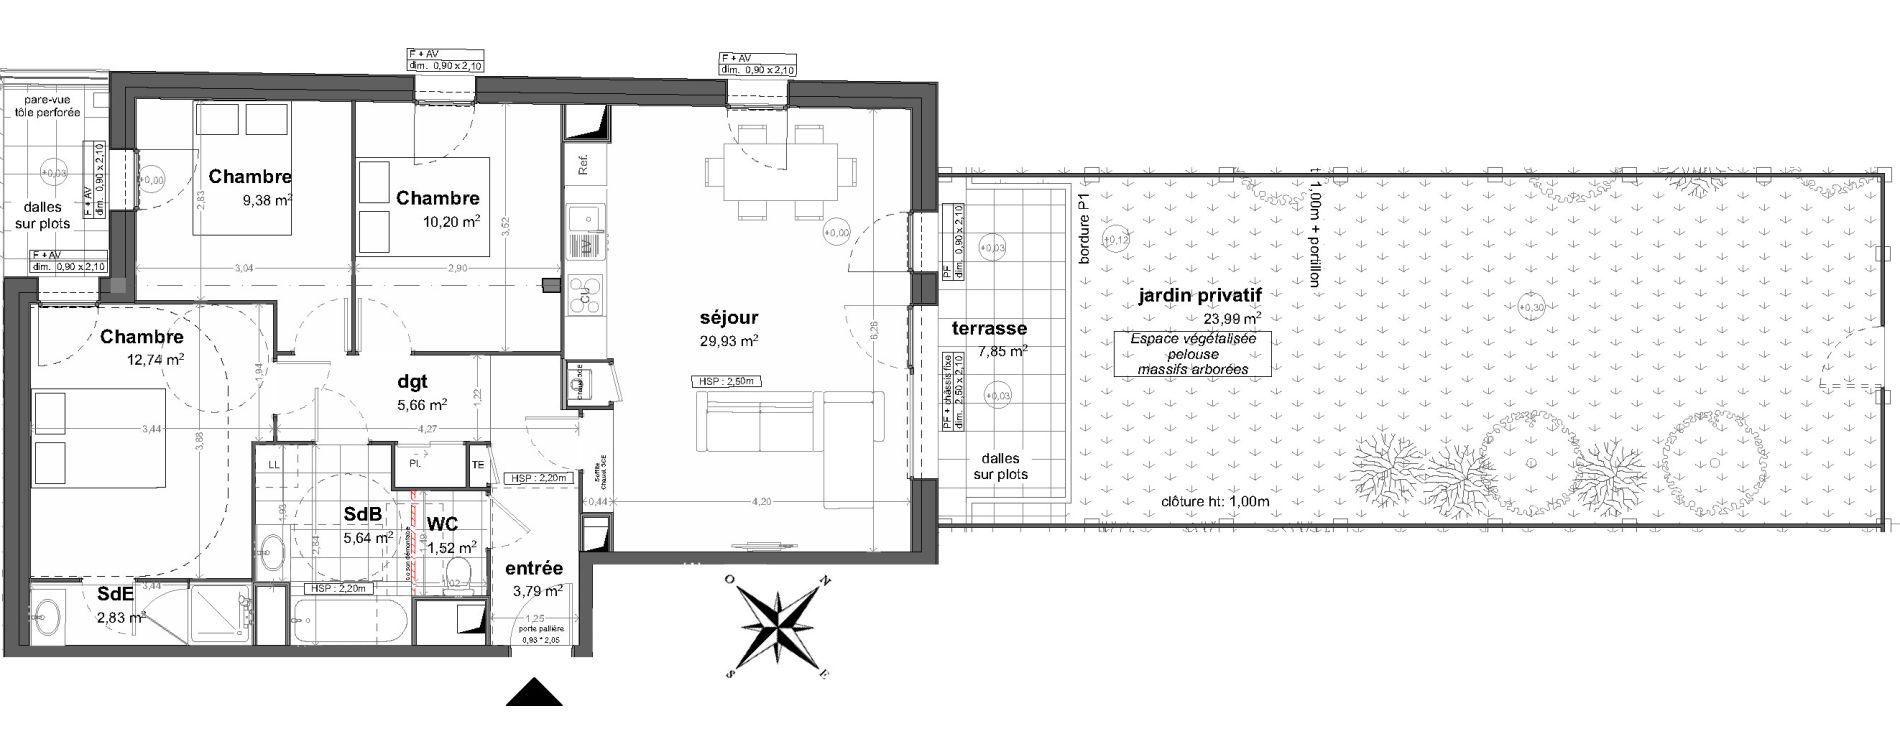 Appartement T4 de 81,69 m2 à Saint-Malo Saint-servan - solidor